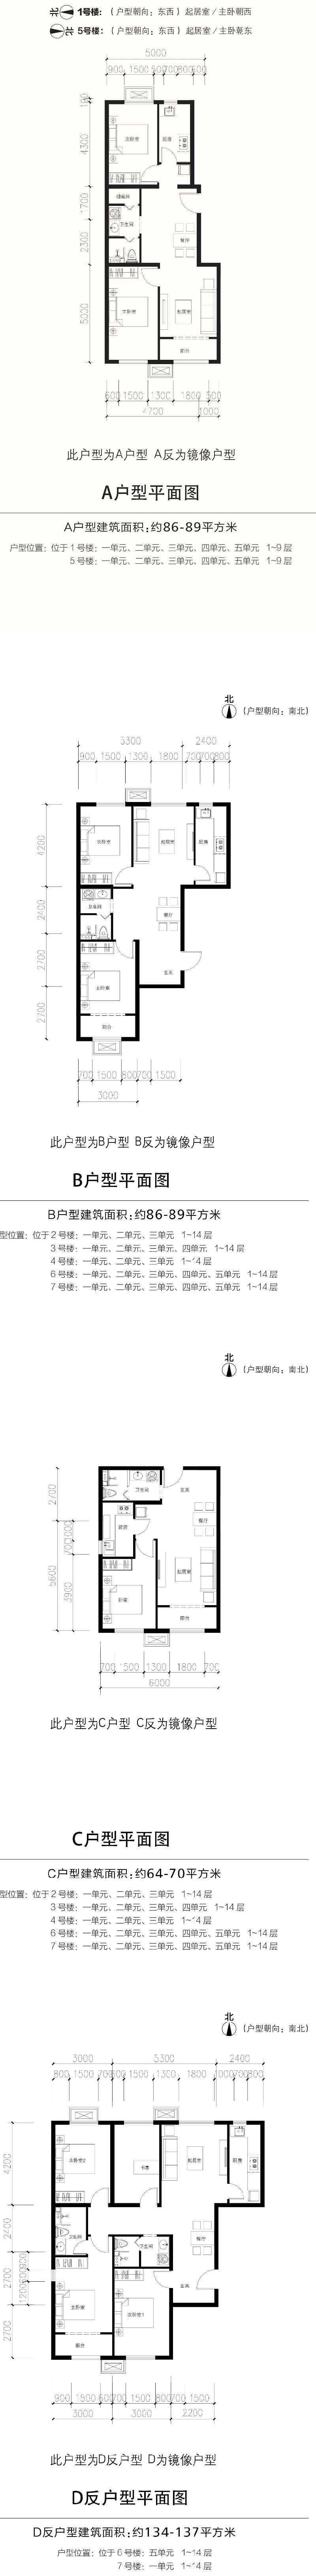 北京自住商品房申请_北京金港嘉园共有产权房选房攻略(价格+周边配套+户型分析 ...